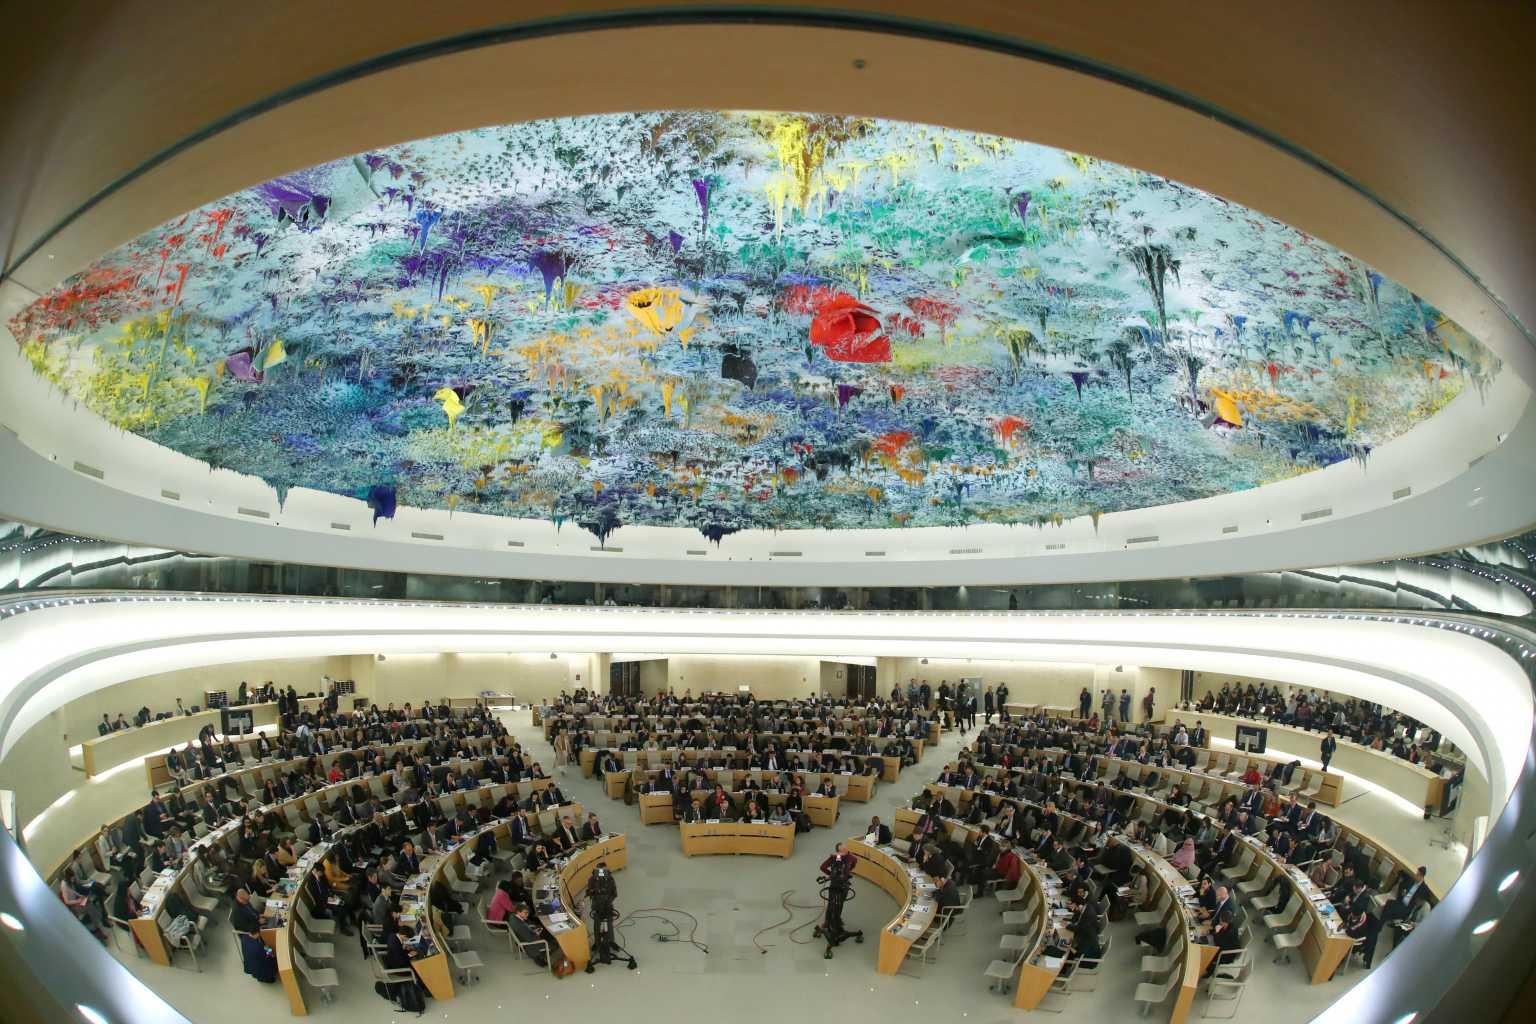 ΟΗΕ σε Τουρκία: Ανατρέψτε την απόφαση για αποχώρηση από την Σύμβαση της Κωνσταντινούπολης